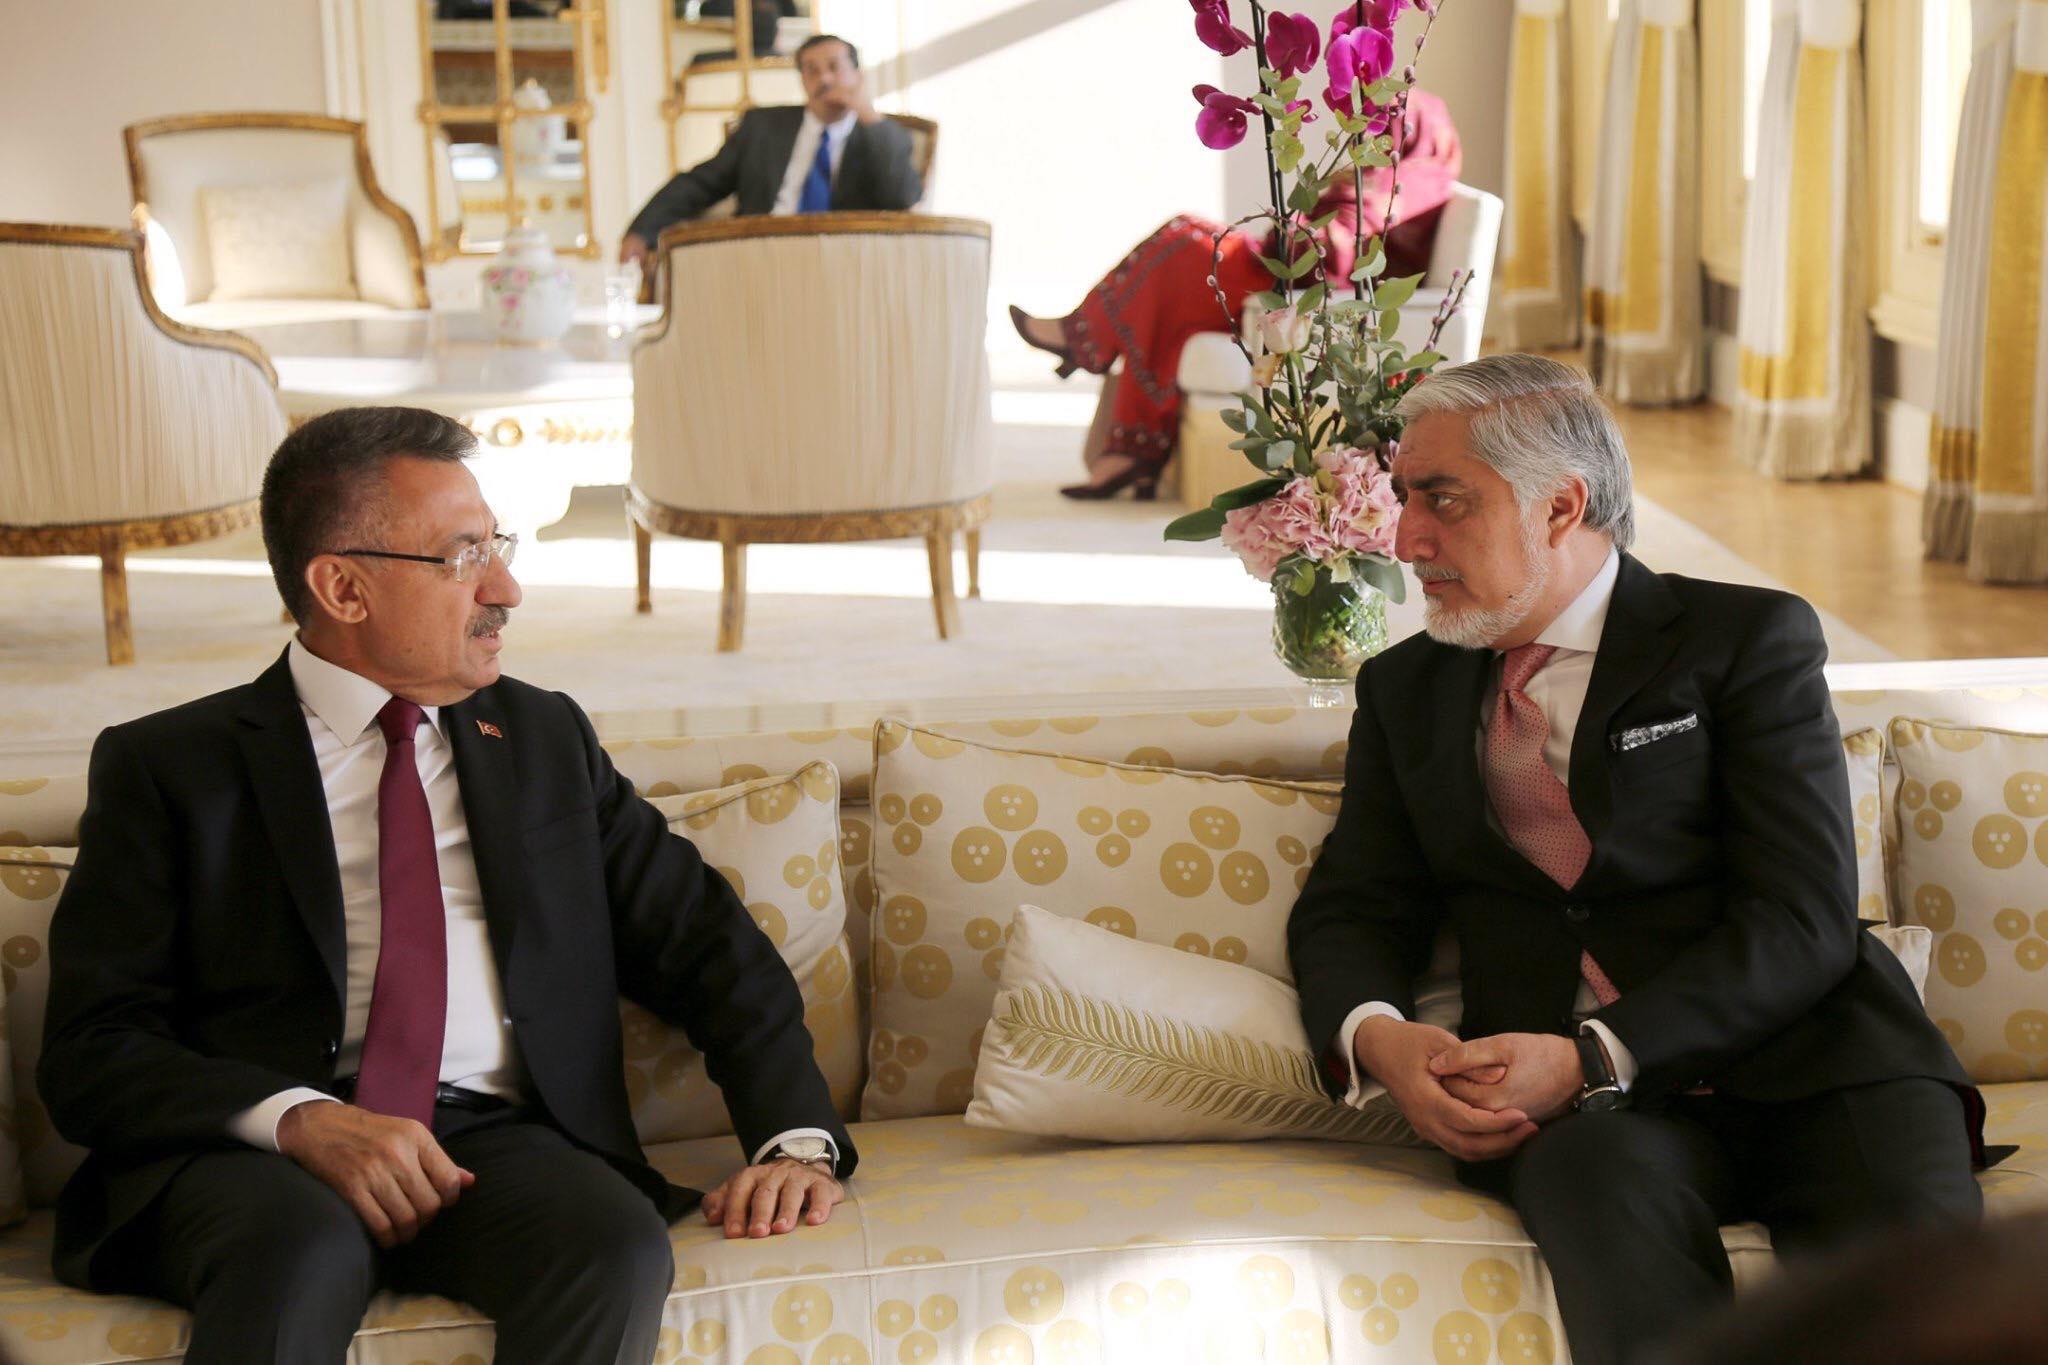 ملاقات با جلالتمآب فوات اوکتای، معاون رئیس جمهور ترکیه